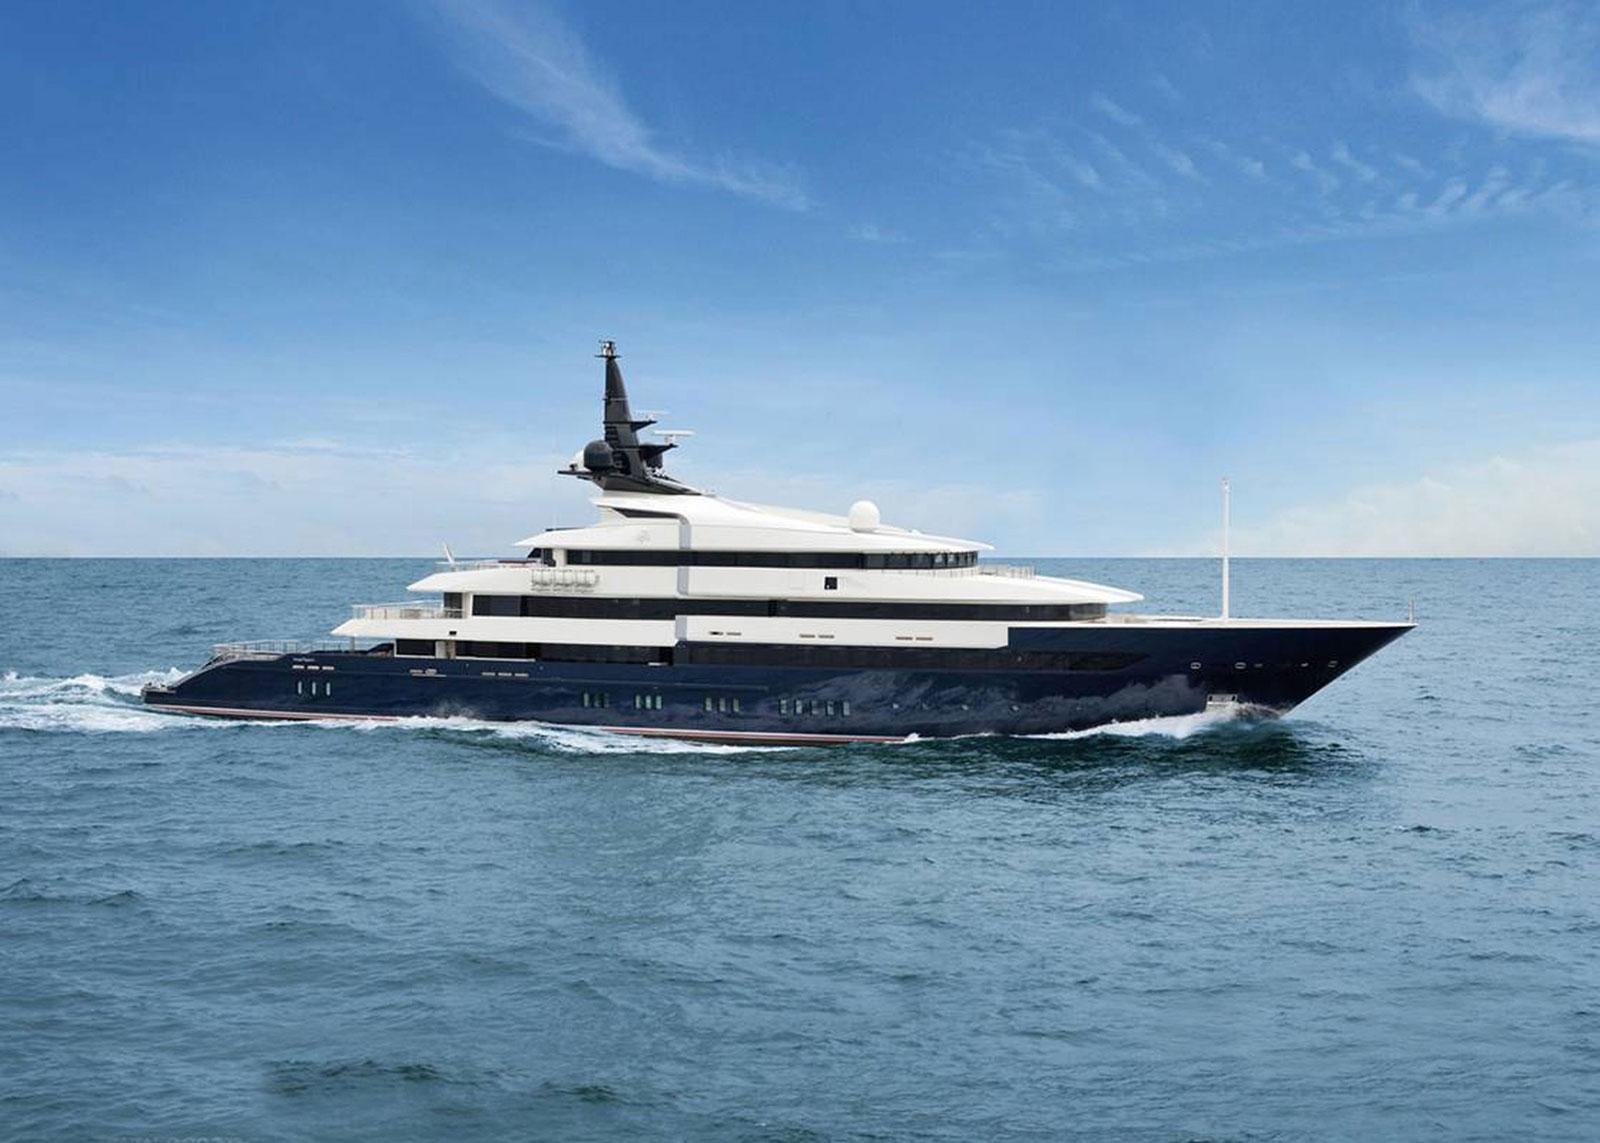 Steven Spielberg's New Seven Seas Yacht